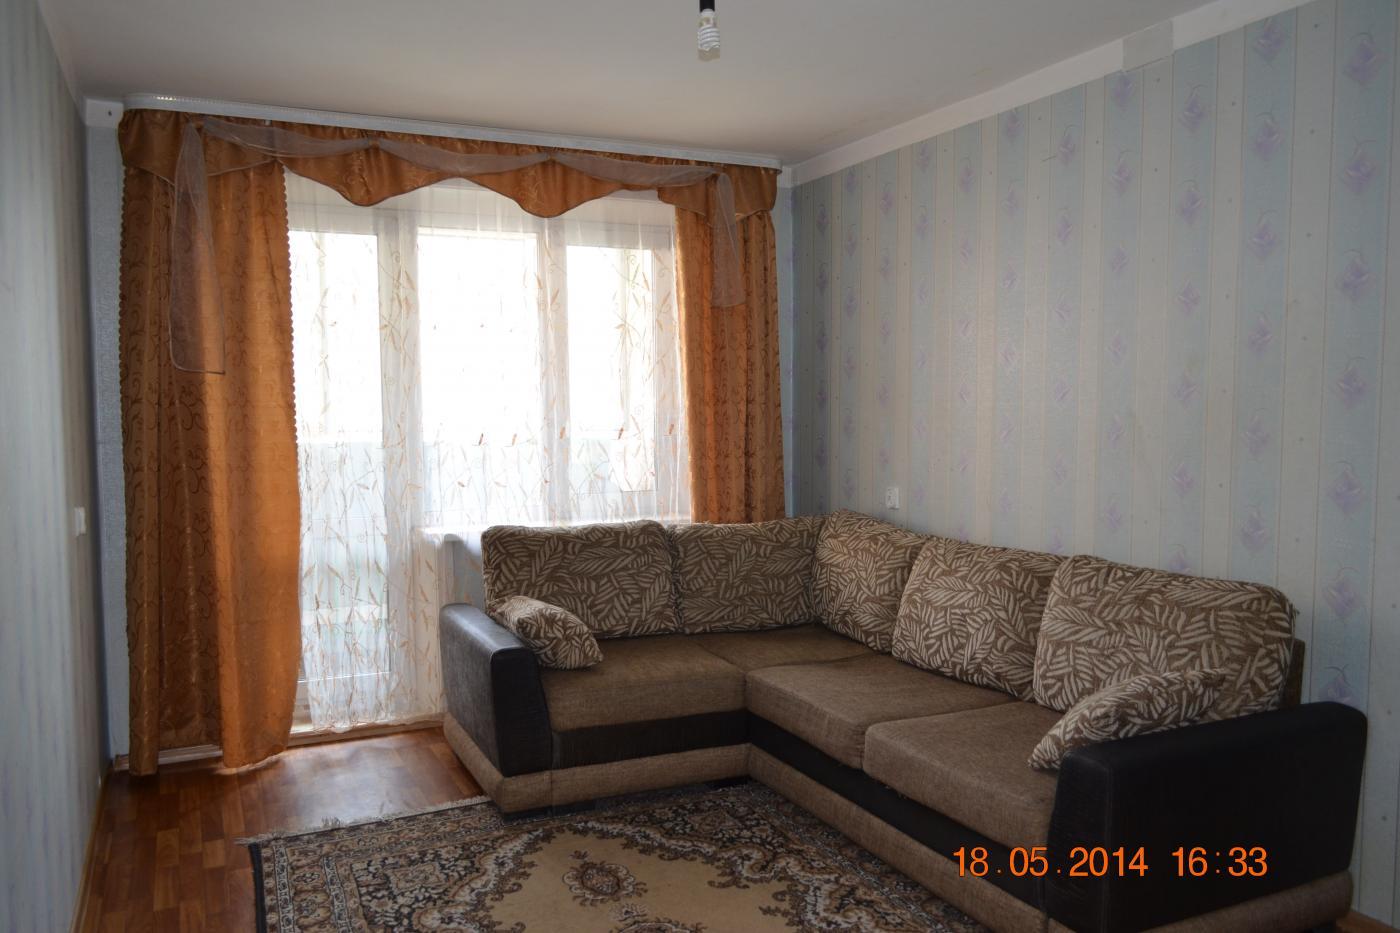 1-комнатная квартира посуточно (вариант № 1498), ул. Краснореченская улица, фото № 2